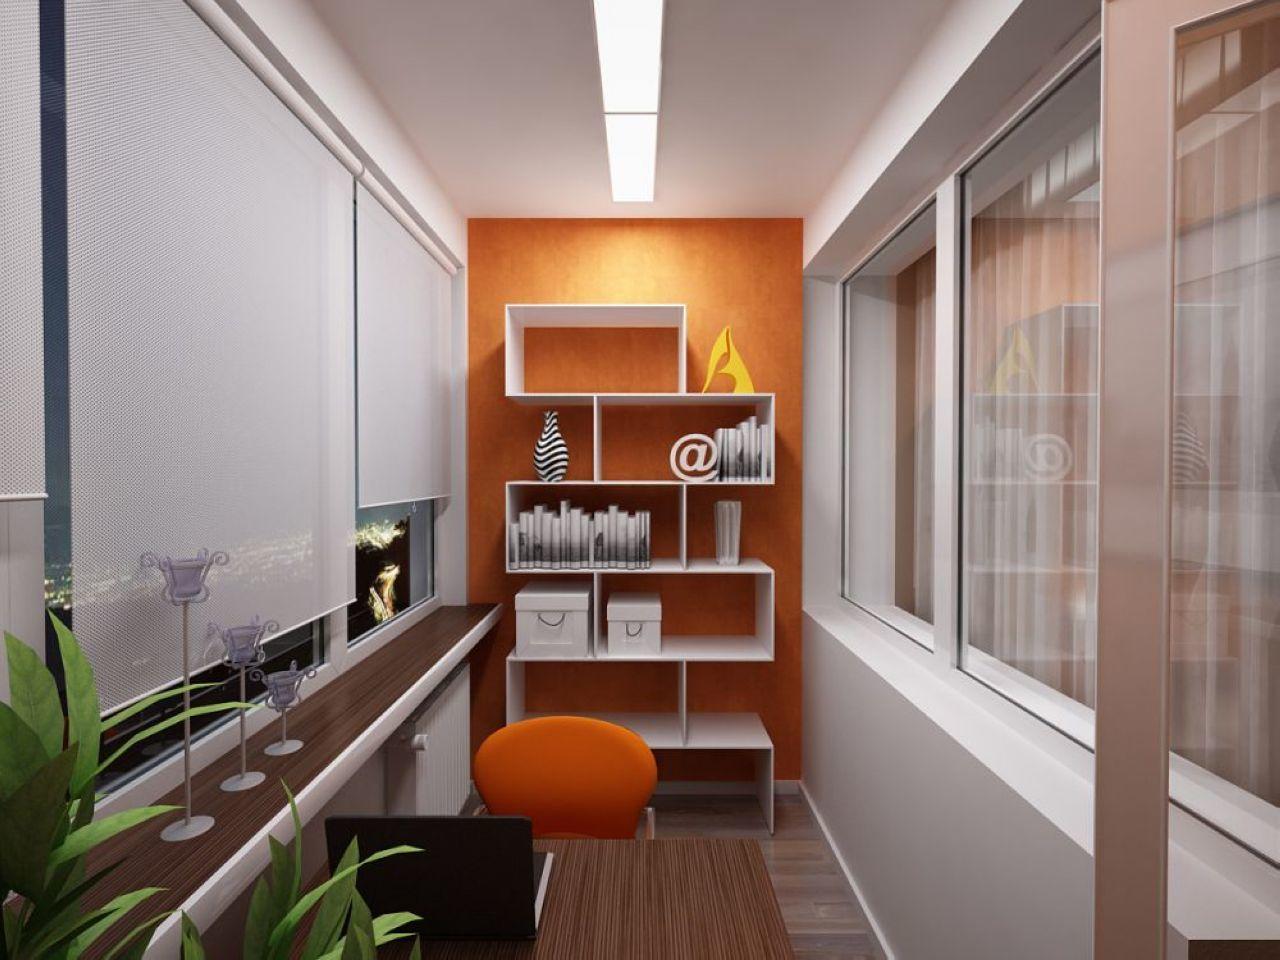 Стильные и оригинальные балконы отделка интересные идеи, фот.